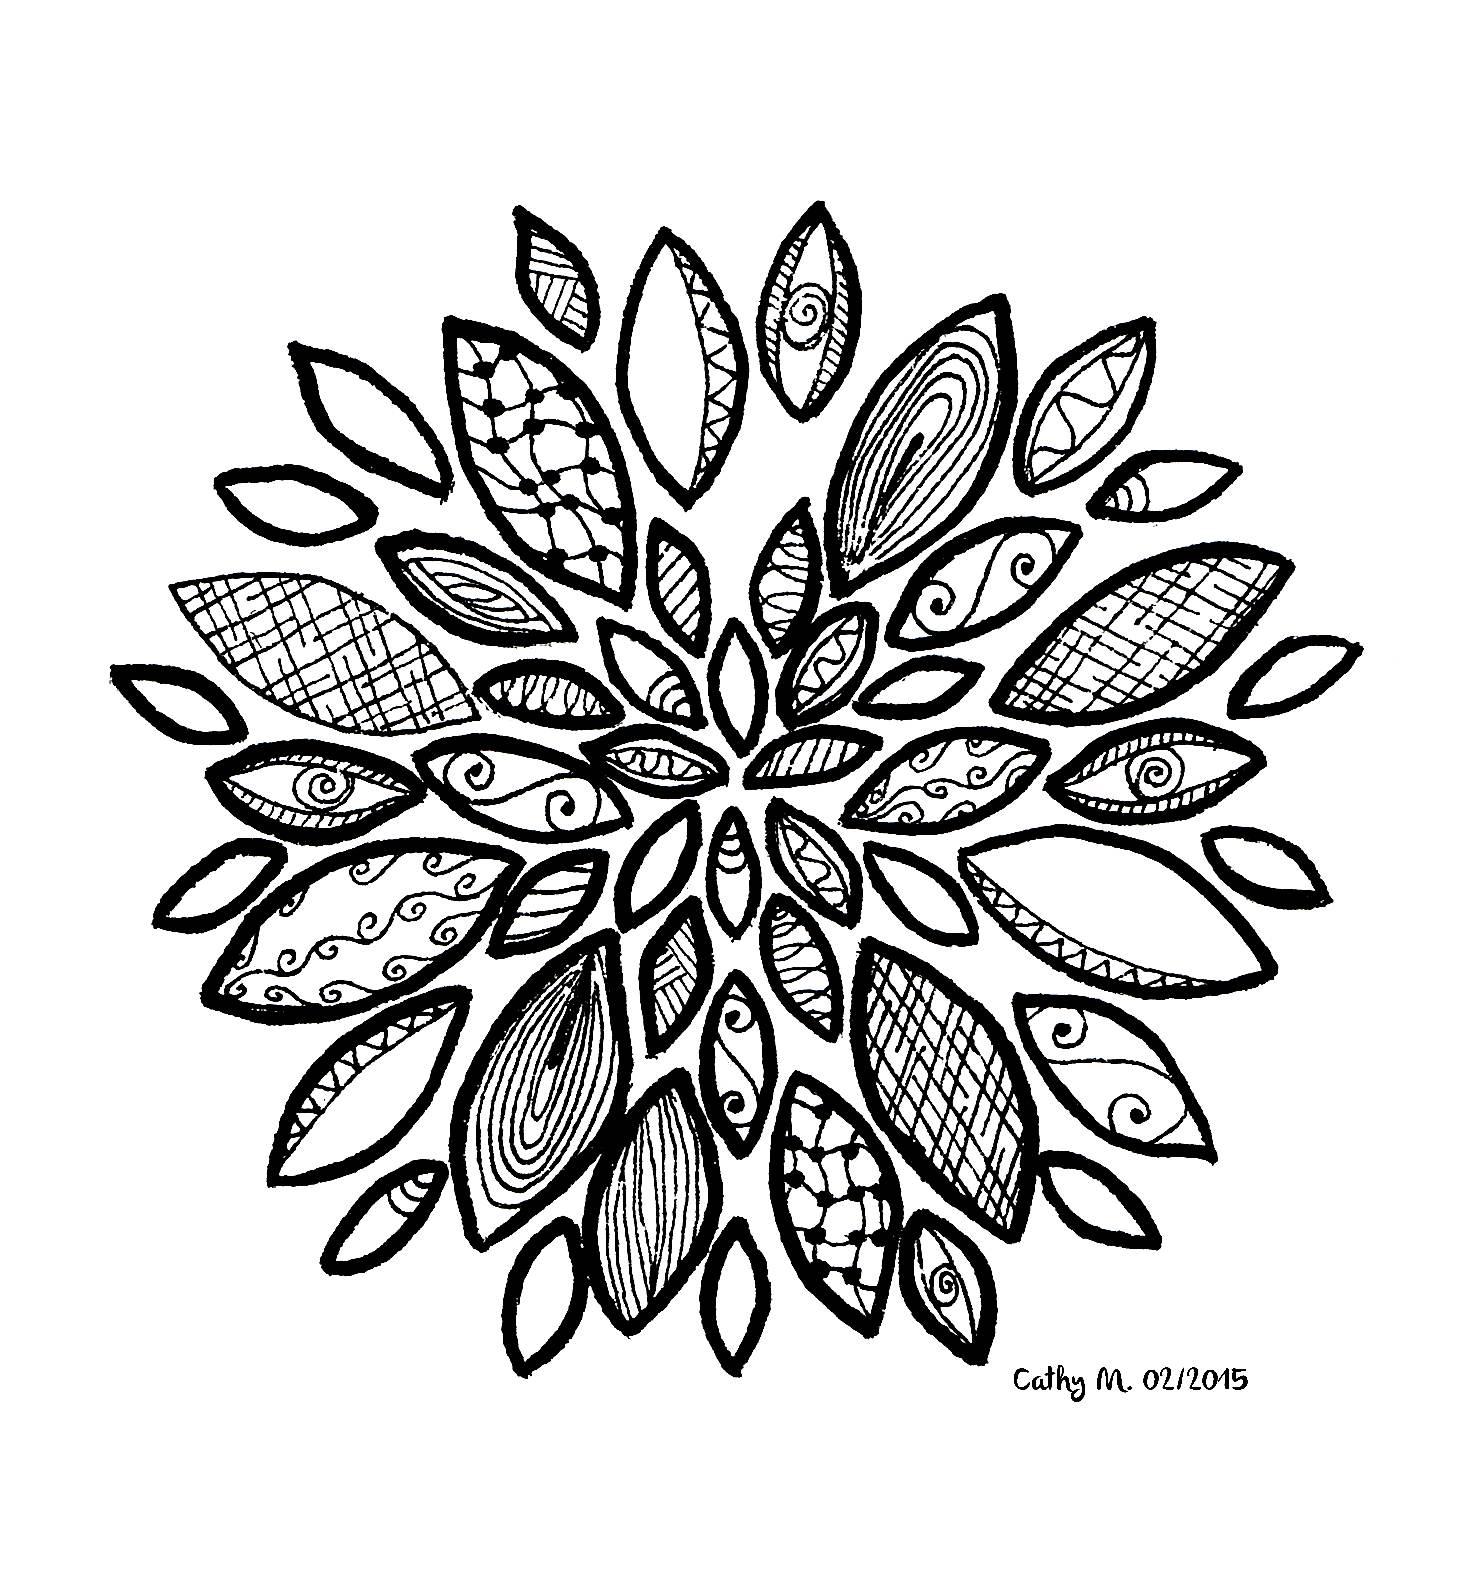 'Fleur imaginaire', coloriage original  Voir l'oeuvre originale